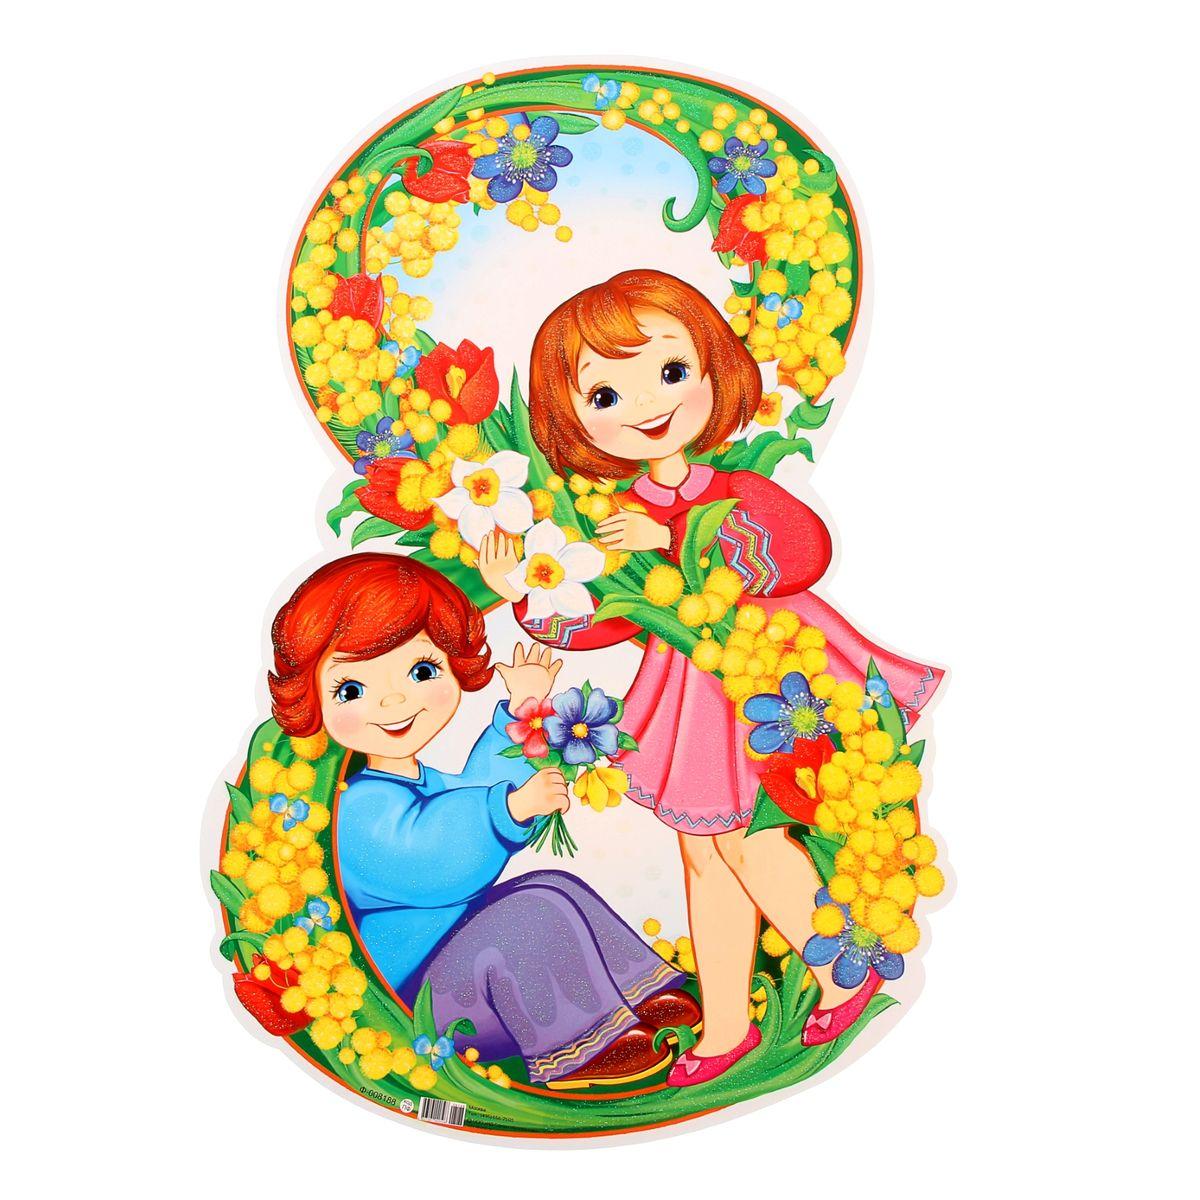 Днем рождения, 8 марта картинки для детей